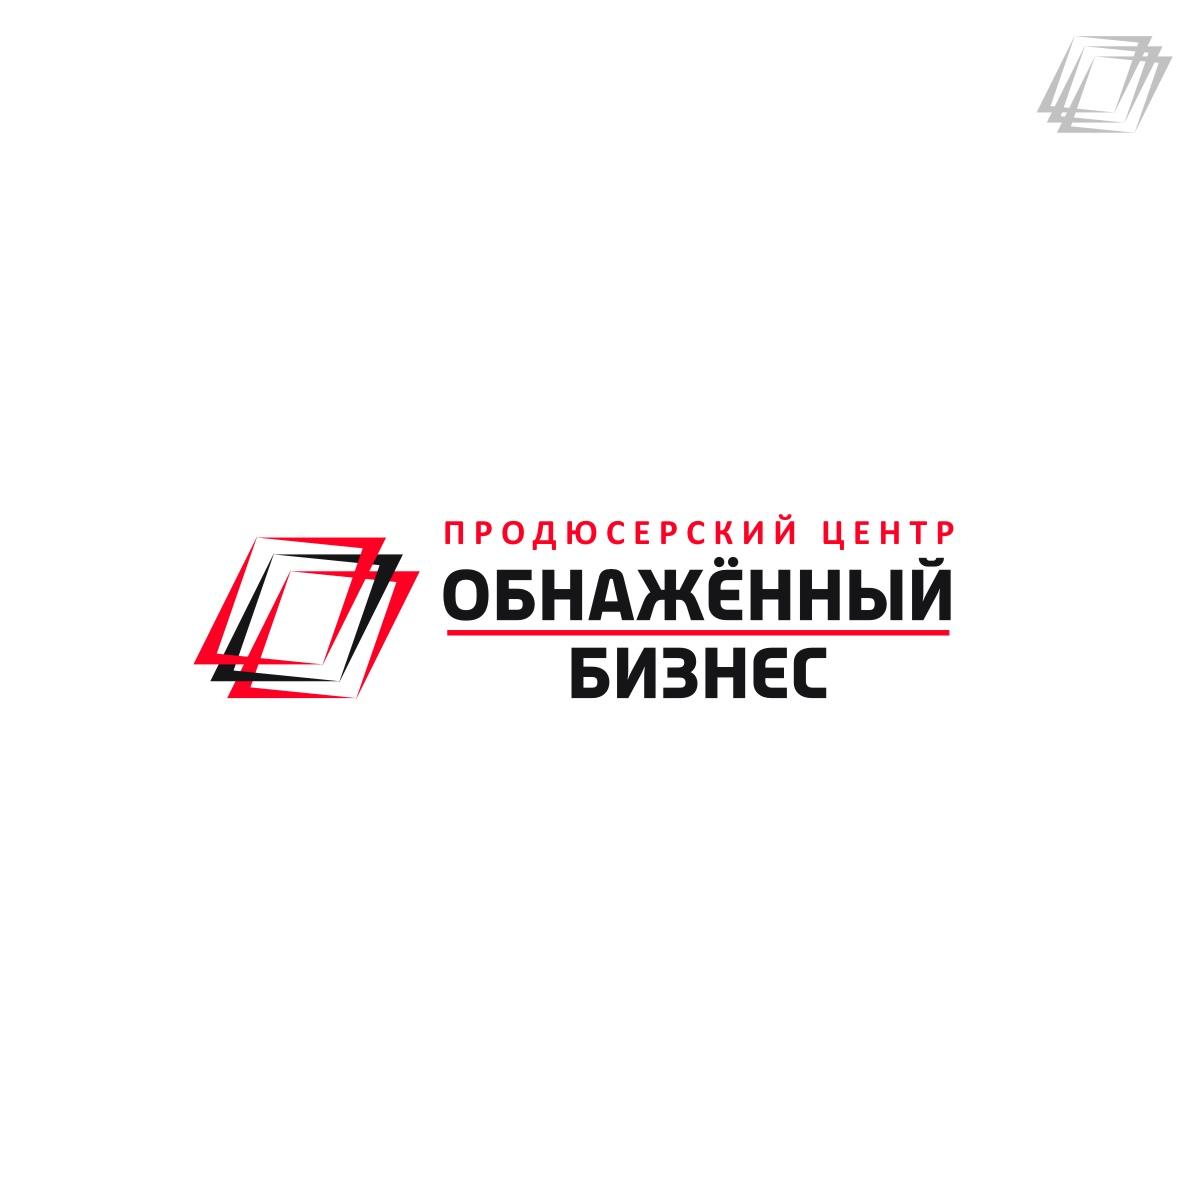 """Логотип для продюсерского центра """"Обнажённый бизнес"""" фото f_7835ba4d716f30b3.jpg"""